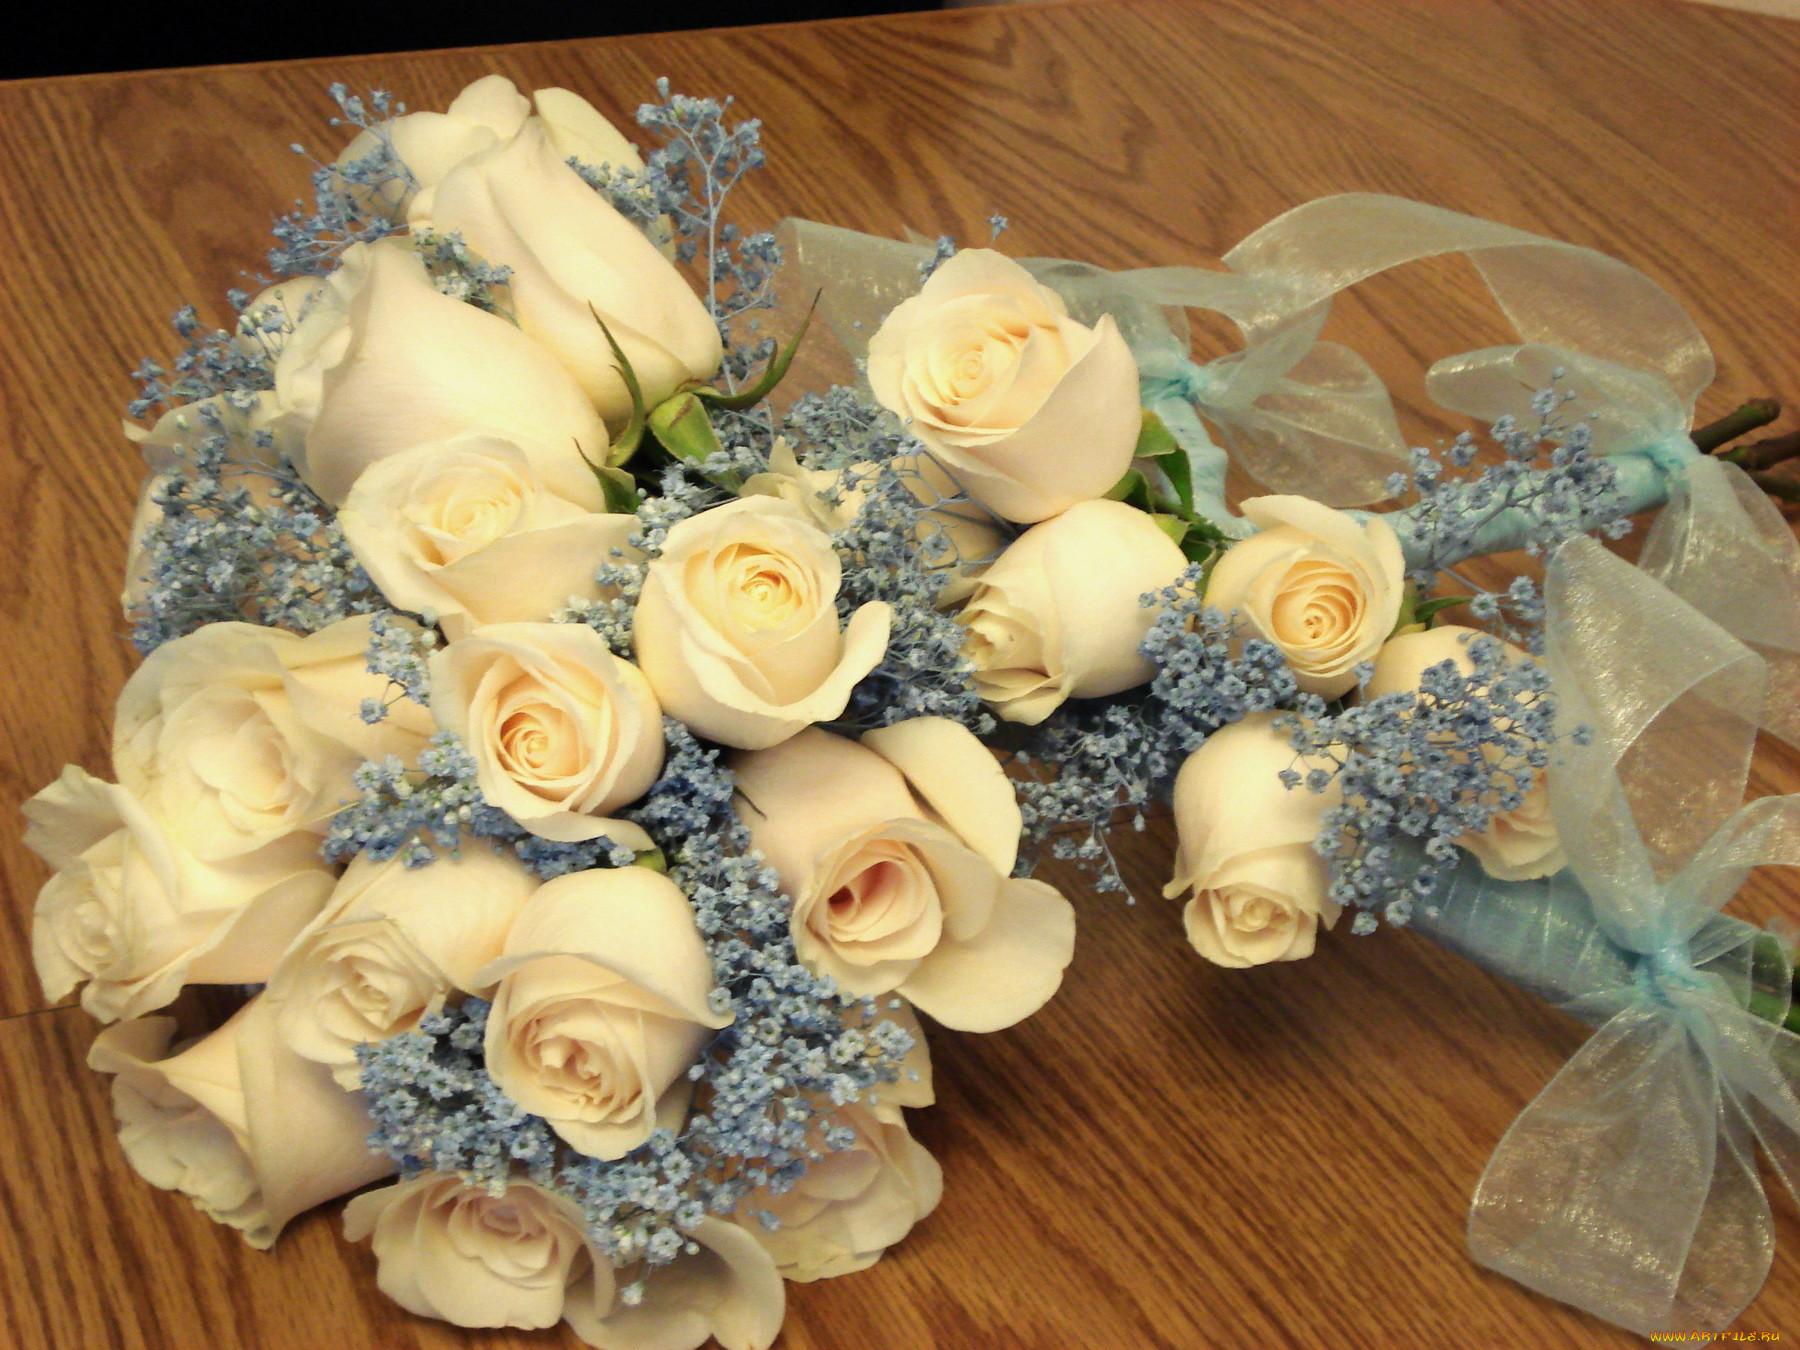 фото букет цветов на столе паша почему-то закивал